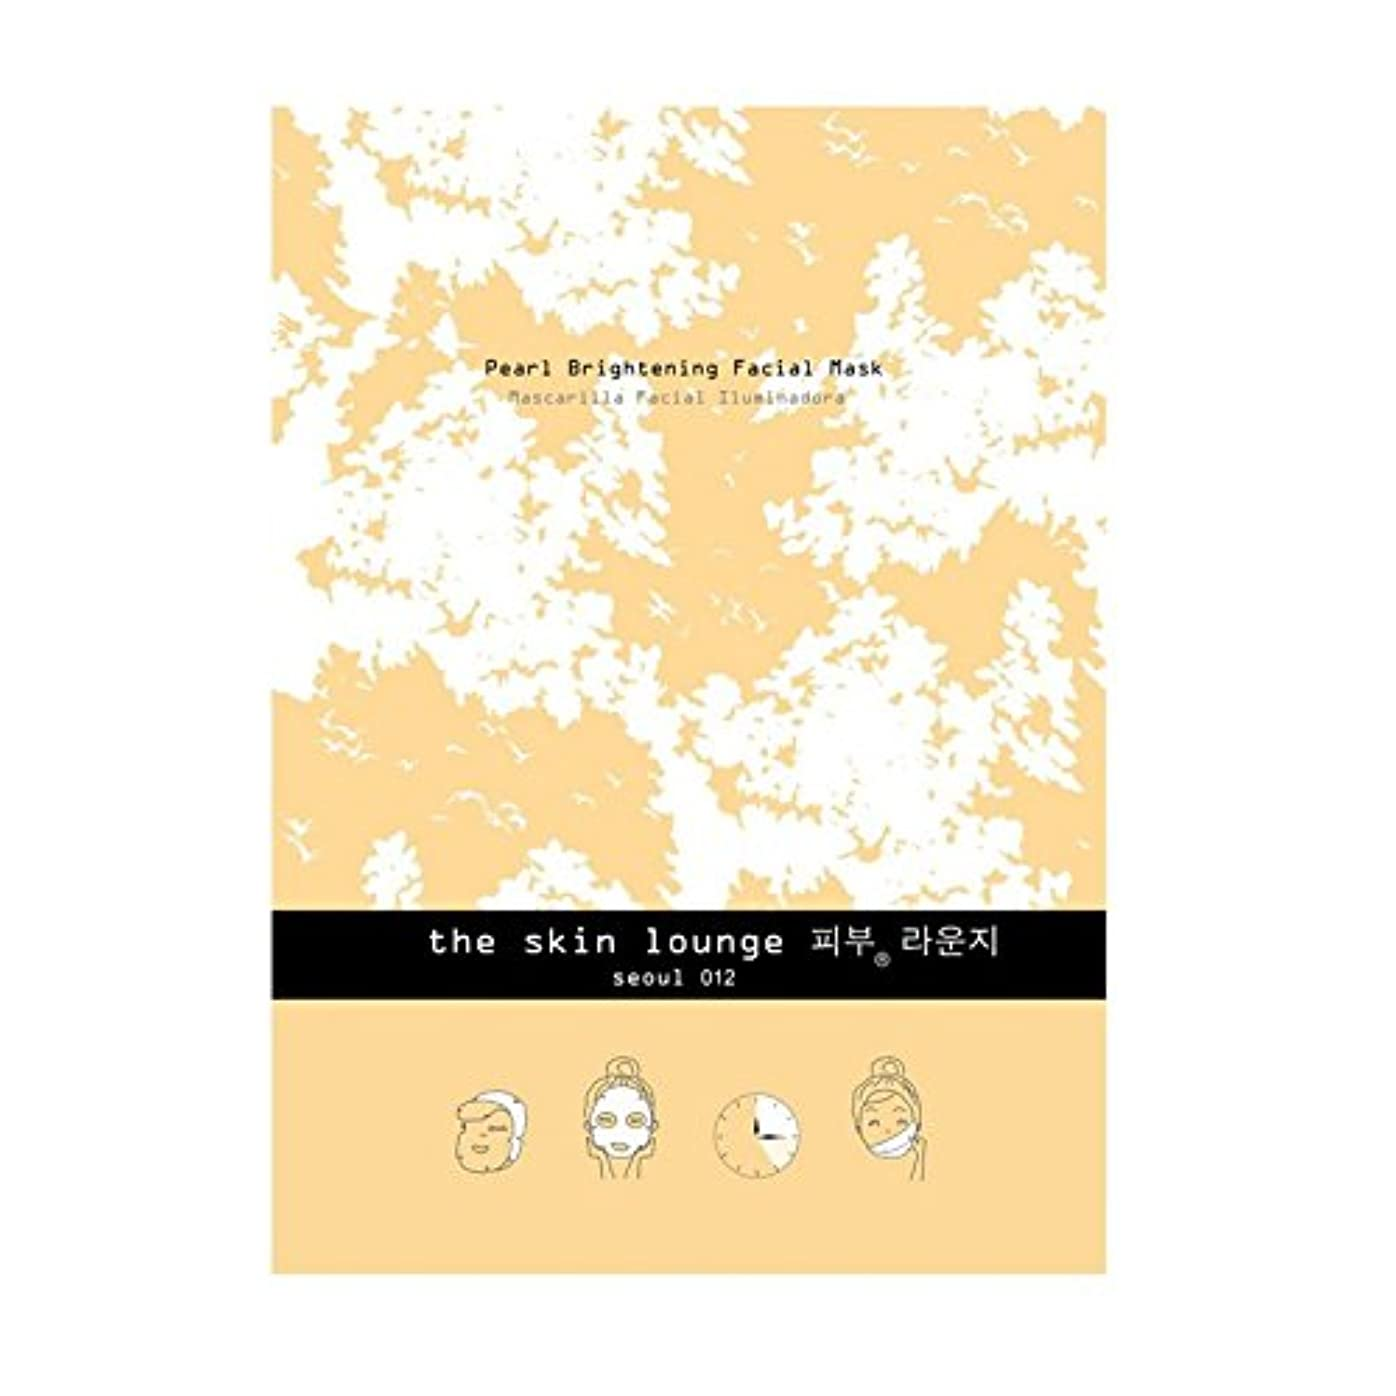 出会い目覚めるアボートThe Skin Lounge Pearl Brightening Single Cellulose Mask (Pack of 6) - 単一セルロースマスクを明るく皮膚ラウンジ真珠 x6 [並行輸入品]